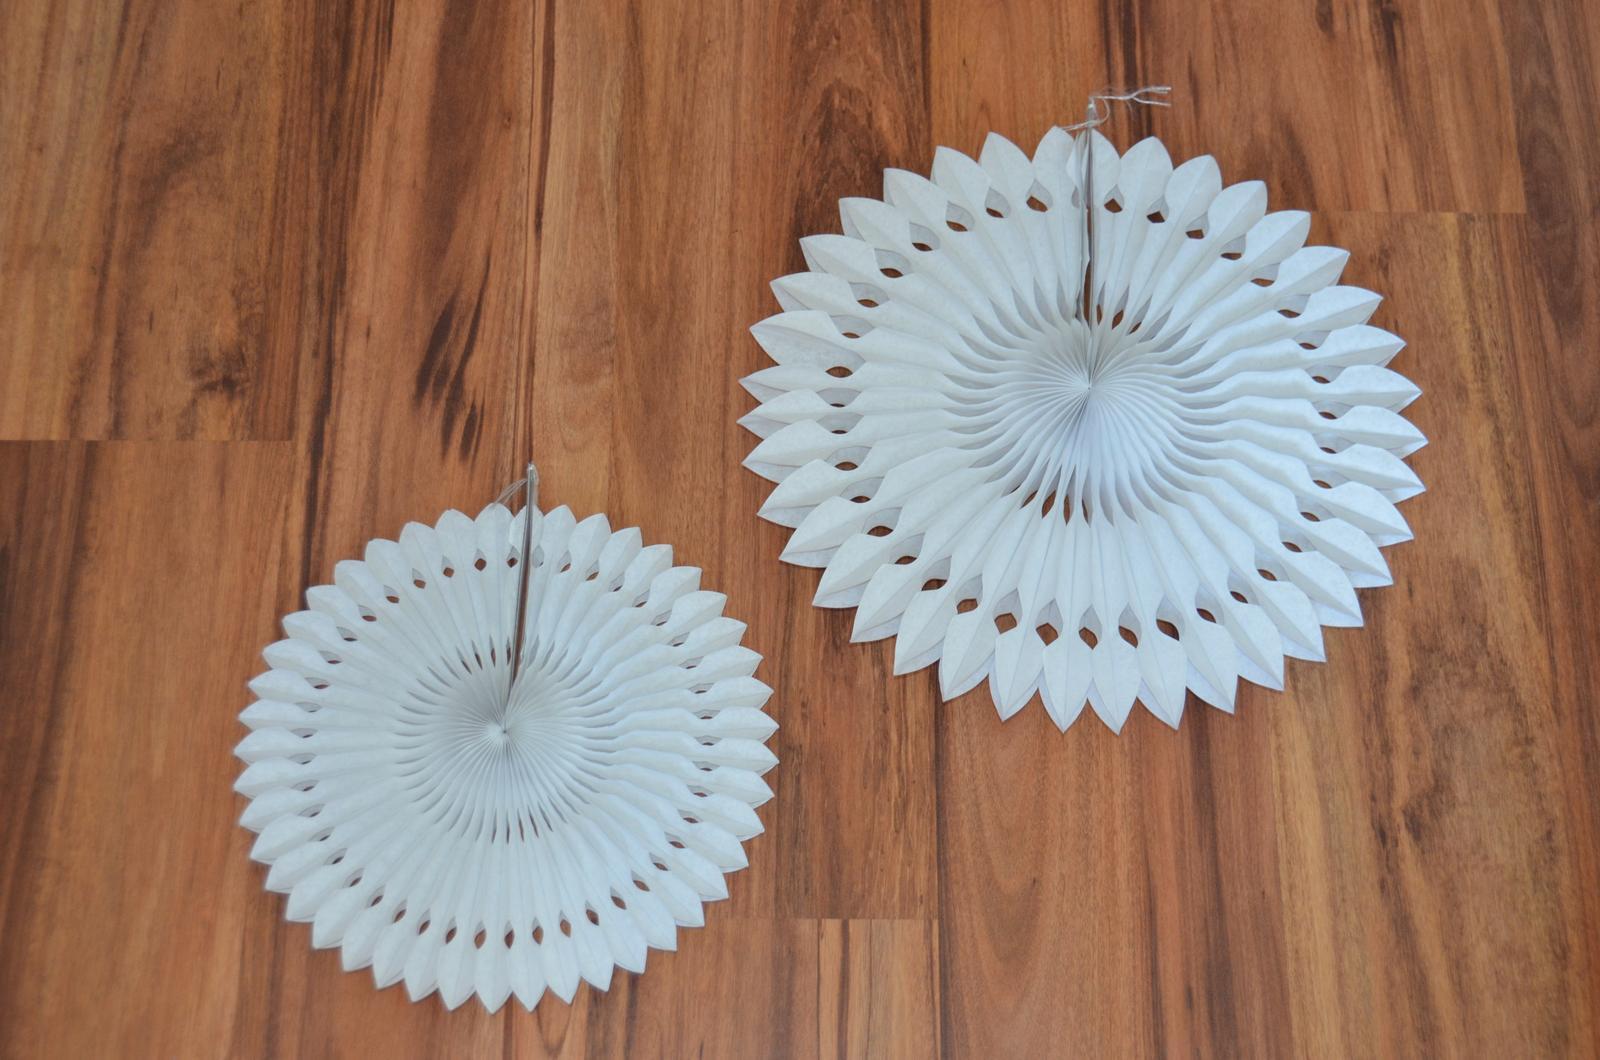 Dekorační vykrajované rozety - bílá  - Obrázek č. 1